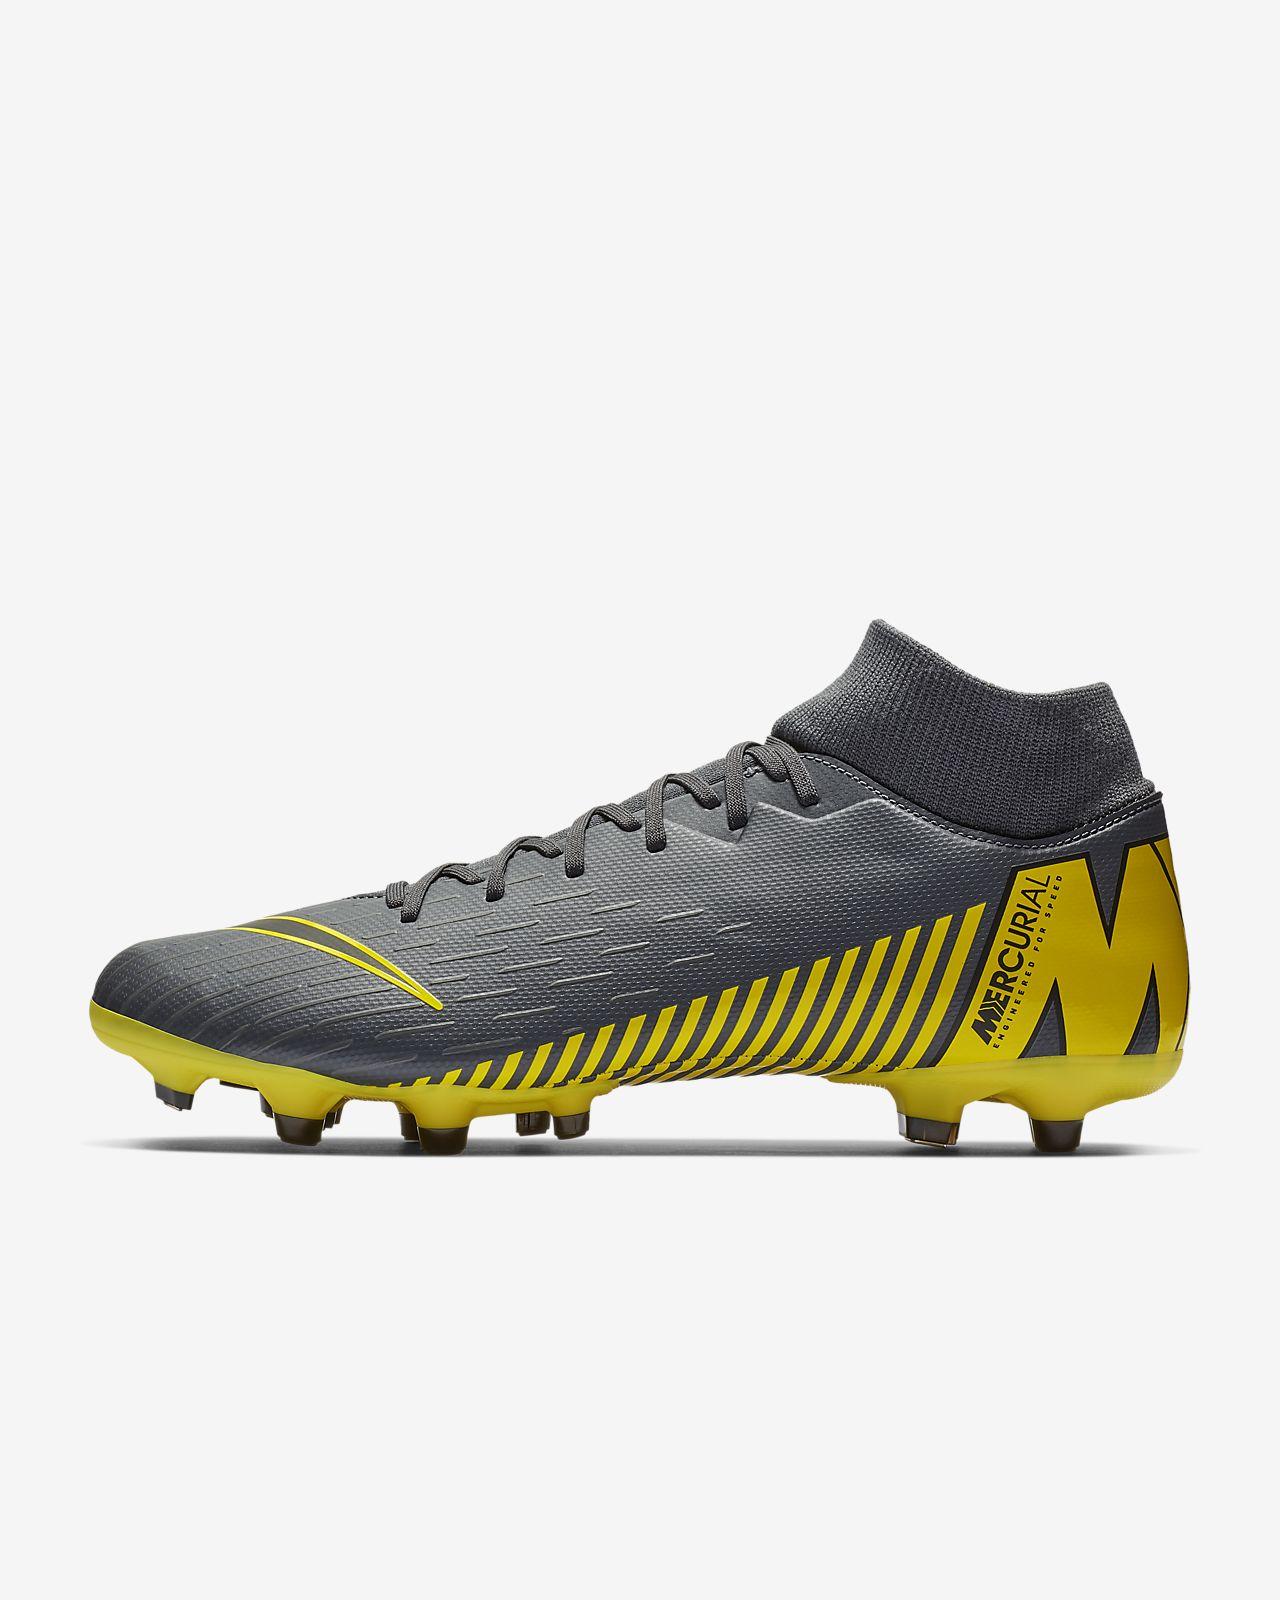 reputable site 310ee 7d674 Fotbollssko för varierat underlag Nike Mercurial Superfly 6 Academy MG för  män